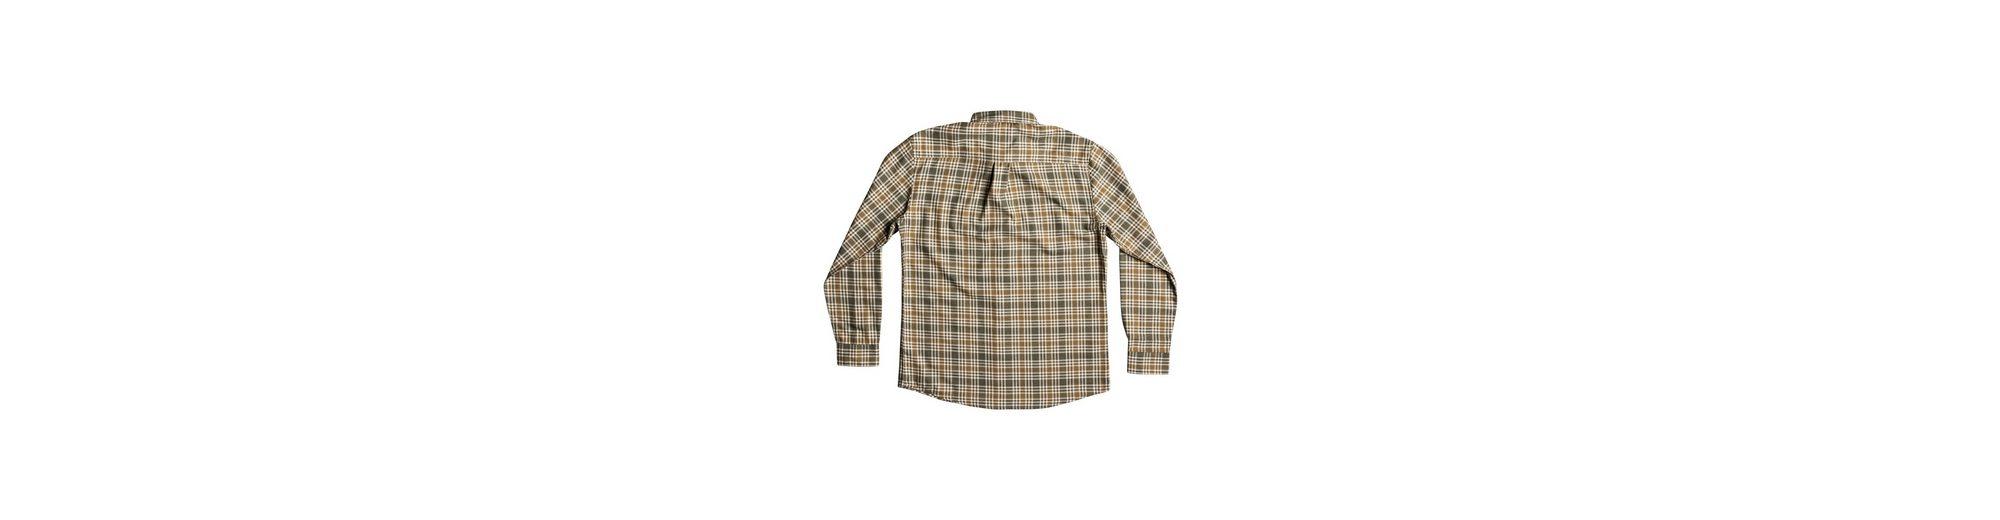 Blick Zu Verkaufen Billig Verkaufen Die Billigsten Quiksilver Langarm-Hemd Waterman Cortez Straight g4C8dJ